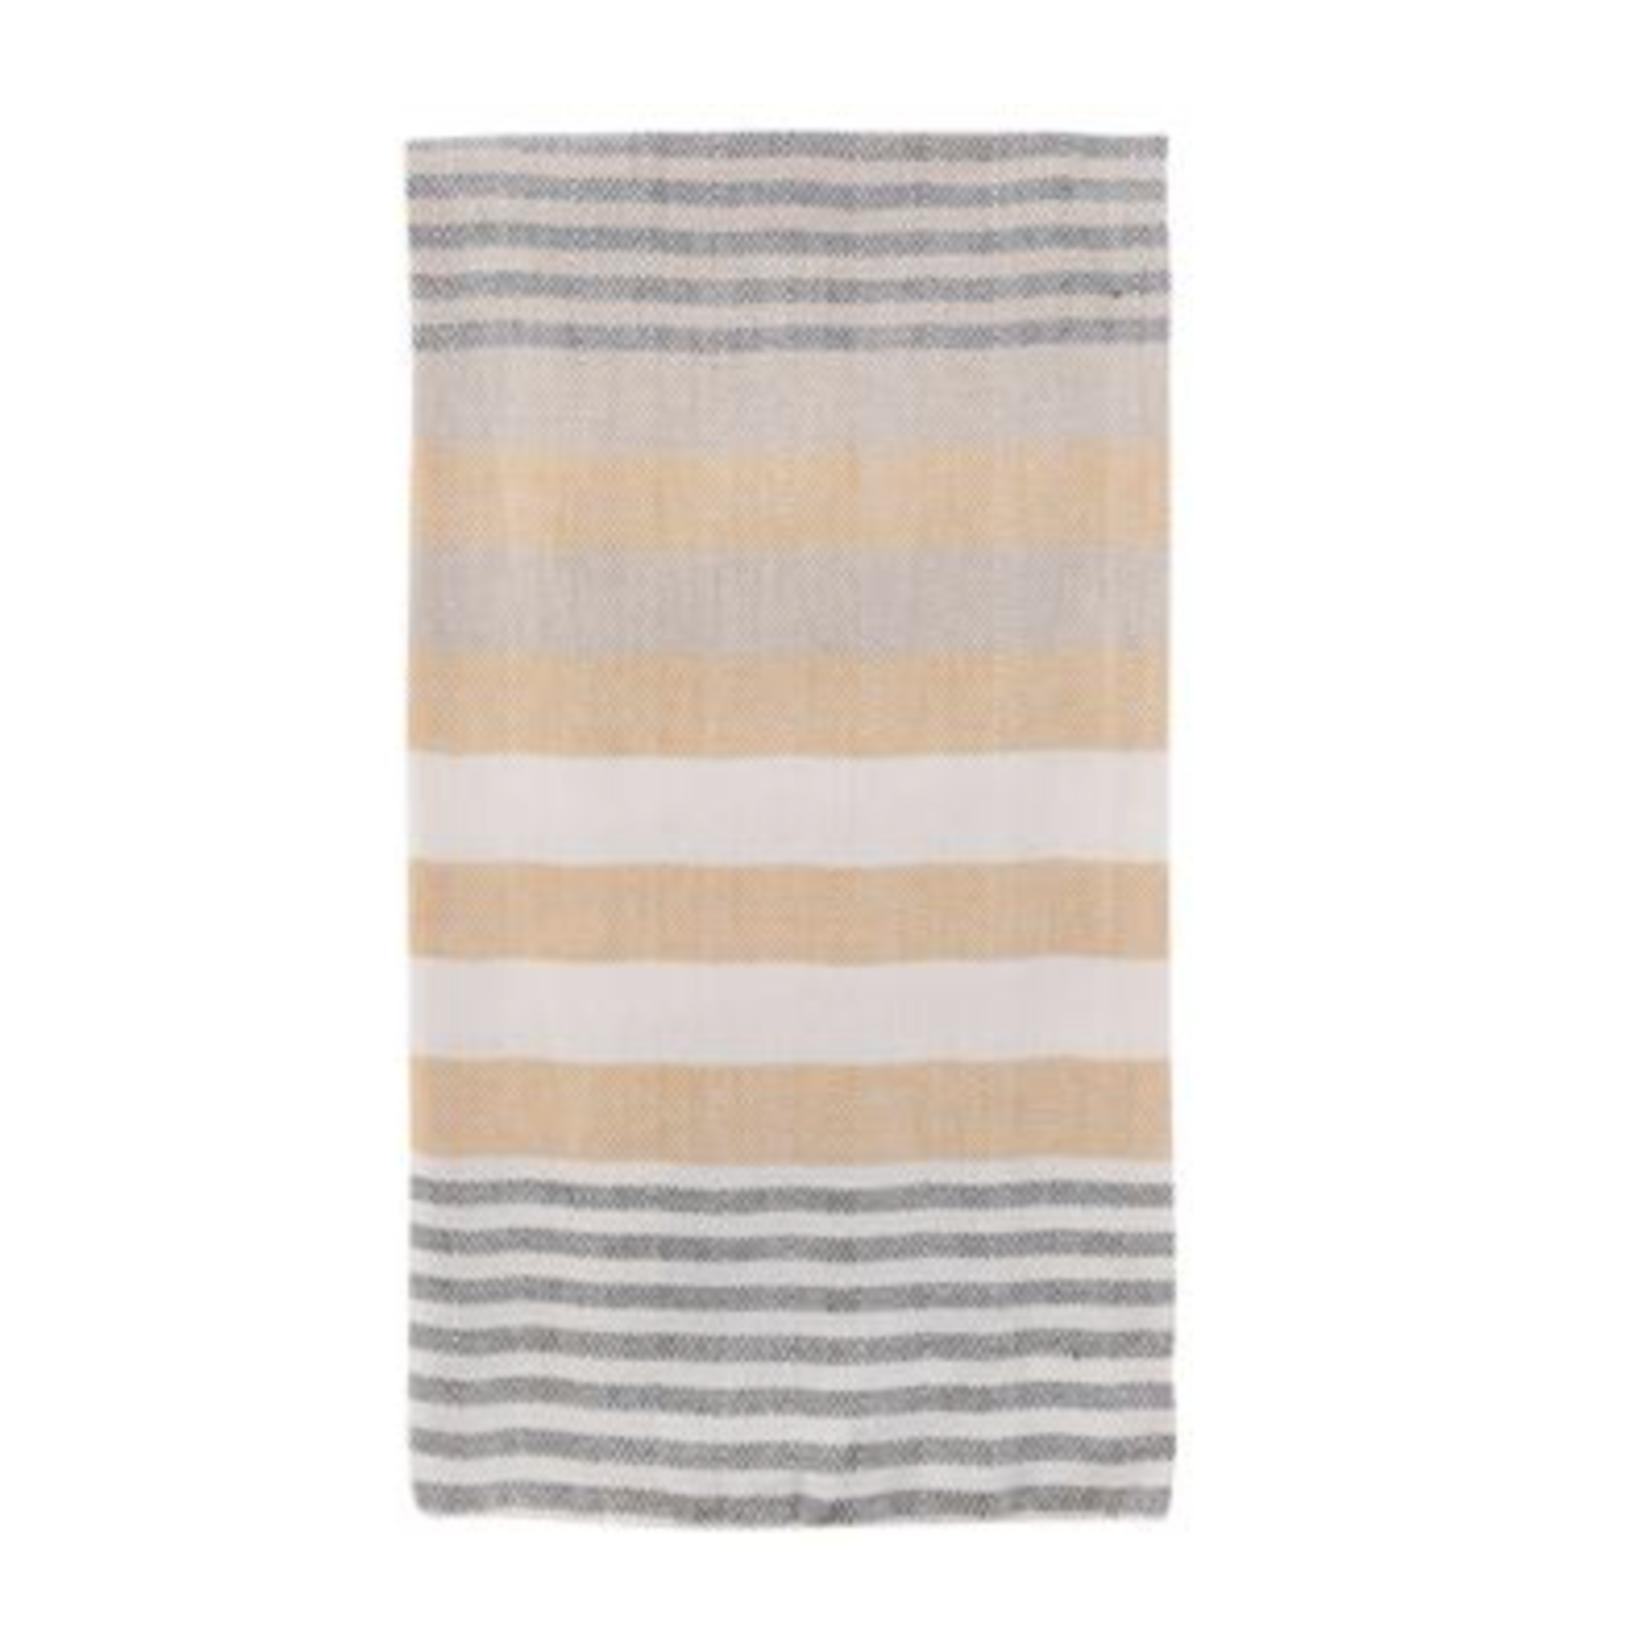 Karma Karma tea towel